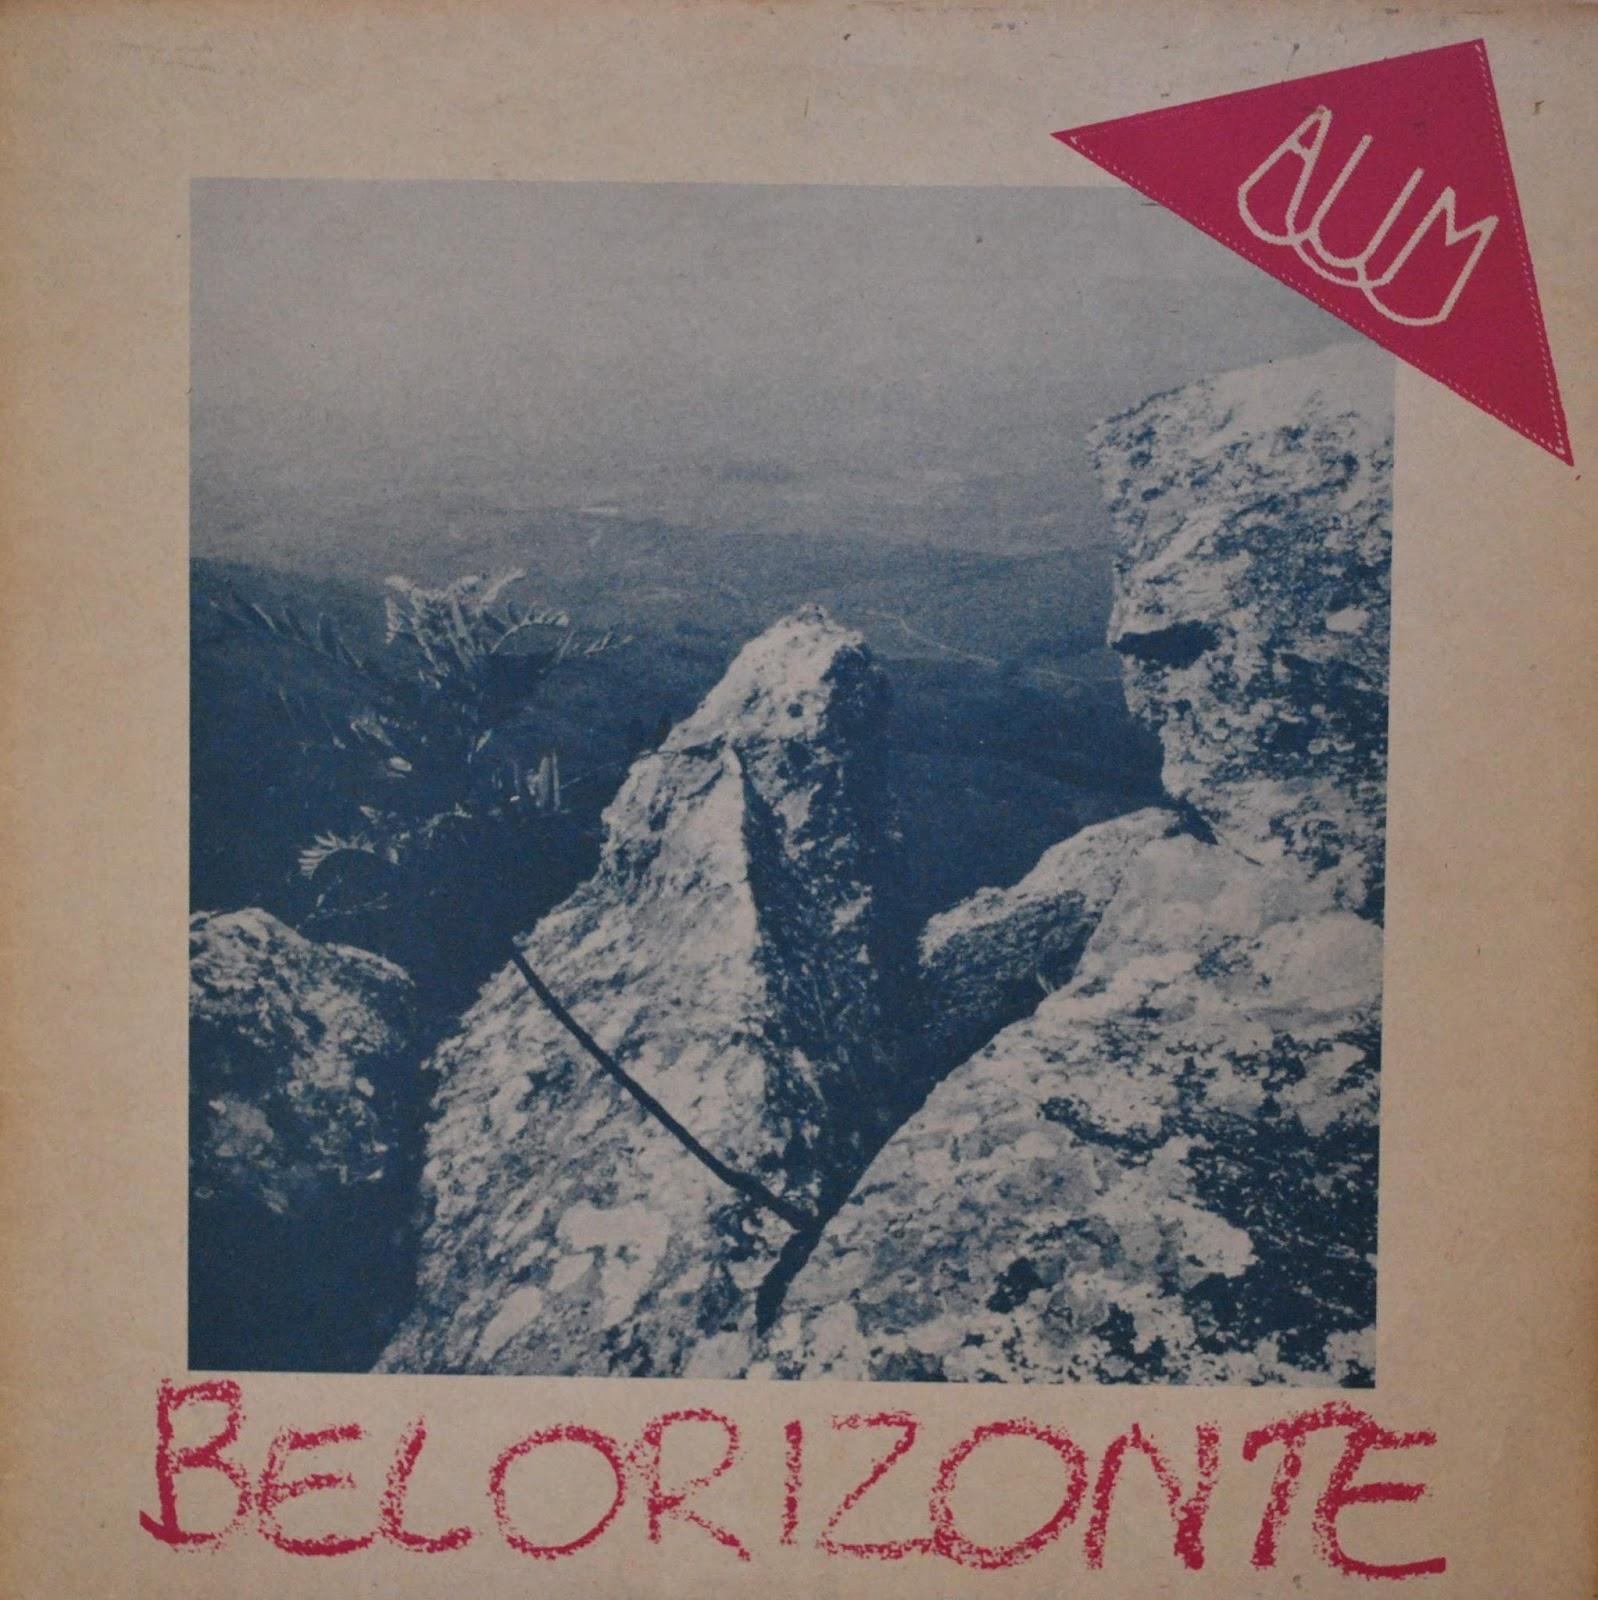 """""""Aum"""" foi um grupo instrumental brasileiro formado na década de oitenta na capital de Minas Gerais, Belo Horizonte. Seu som era um som híbrido, uma fusão de jazz com progressivo que desafiava o desinteressado público """"new wave"""" daquela década. Mesmo assim eles conseguiram gravar de forma independente um único álbum em 1983, chamado """"Belorizonte"""". Este álbum por ter se tornado uma joia rara, é bem mais caro que outros Lp´s obscuros em sebos ou na internet. Passados 30 anos, a música do """"Aum"""" continua intacta, causando-me surpresas, recomendo aos colecionadores e admiradores do prog brasileiro."""